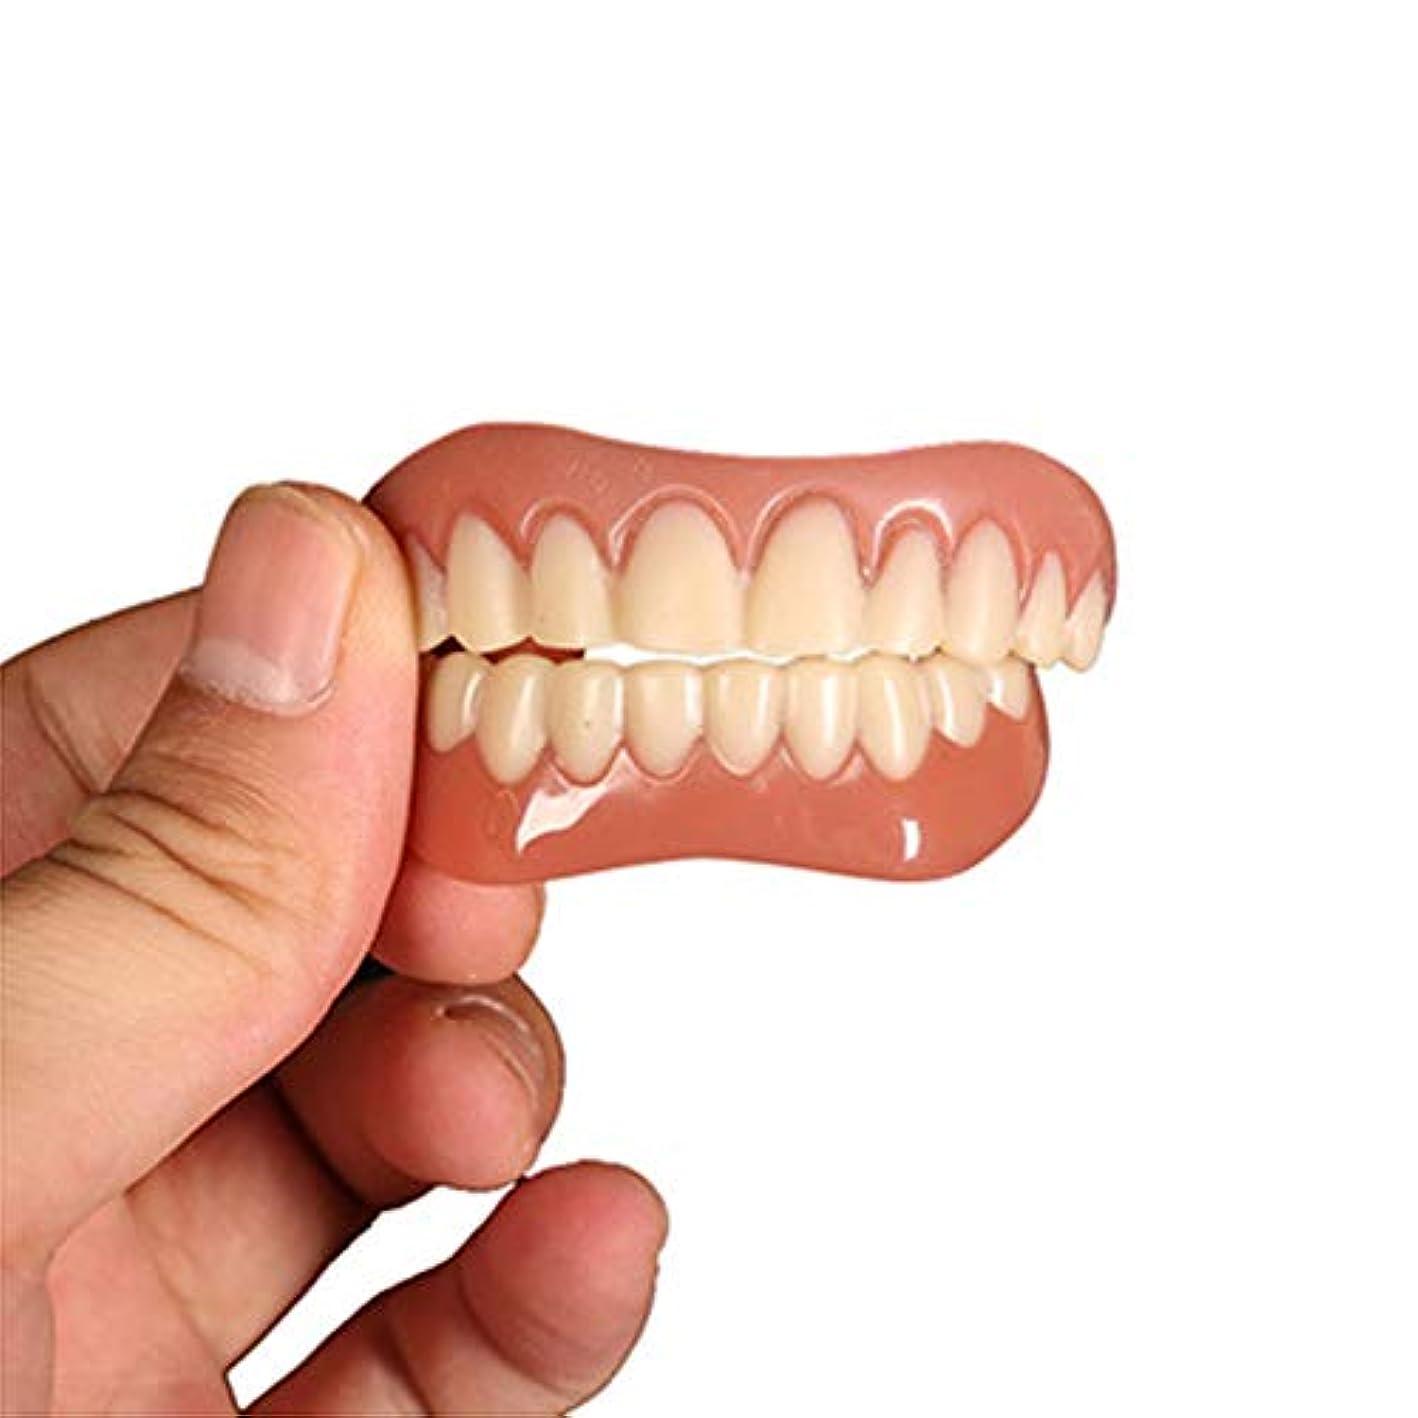 調子ふさわしいシダ8セット、化粧品の歯、白い歯をきれいにするための快適さにフィットするフレックス歯のソケット、化粧品の歯義歯の歯のトップ化粧品、